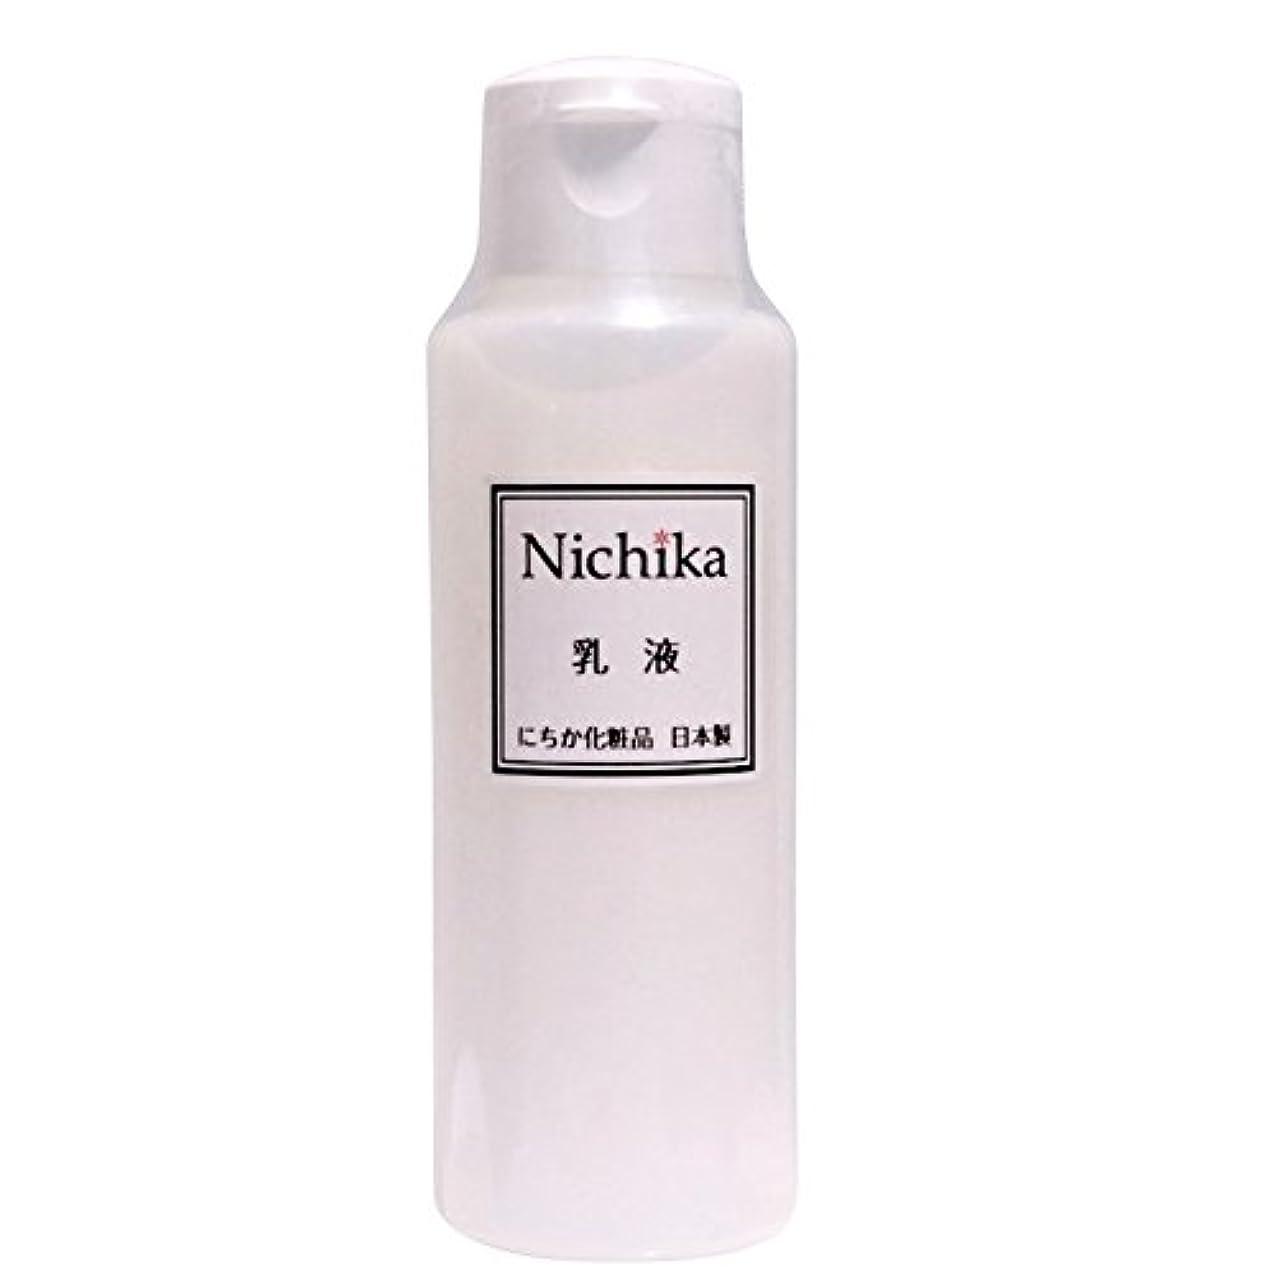 最小ミットブローにちか乳液 内容量100ml 日本製 『ワンランク上の潤いハリ肌』を『リーズナブル』に。  ヒアルロン酸の1.3倍の保水力があるプロテオグリカン配合。 素早く水分と油分の膜を作り、うるおい成分を肌に届け 水分と油分のバランス...